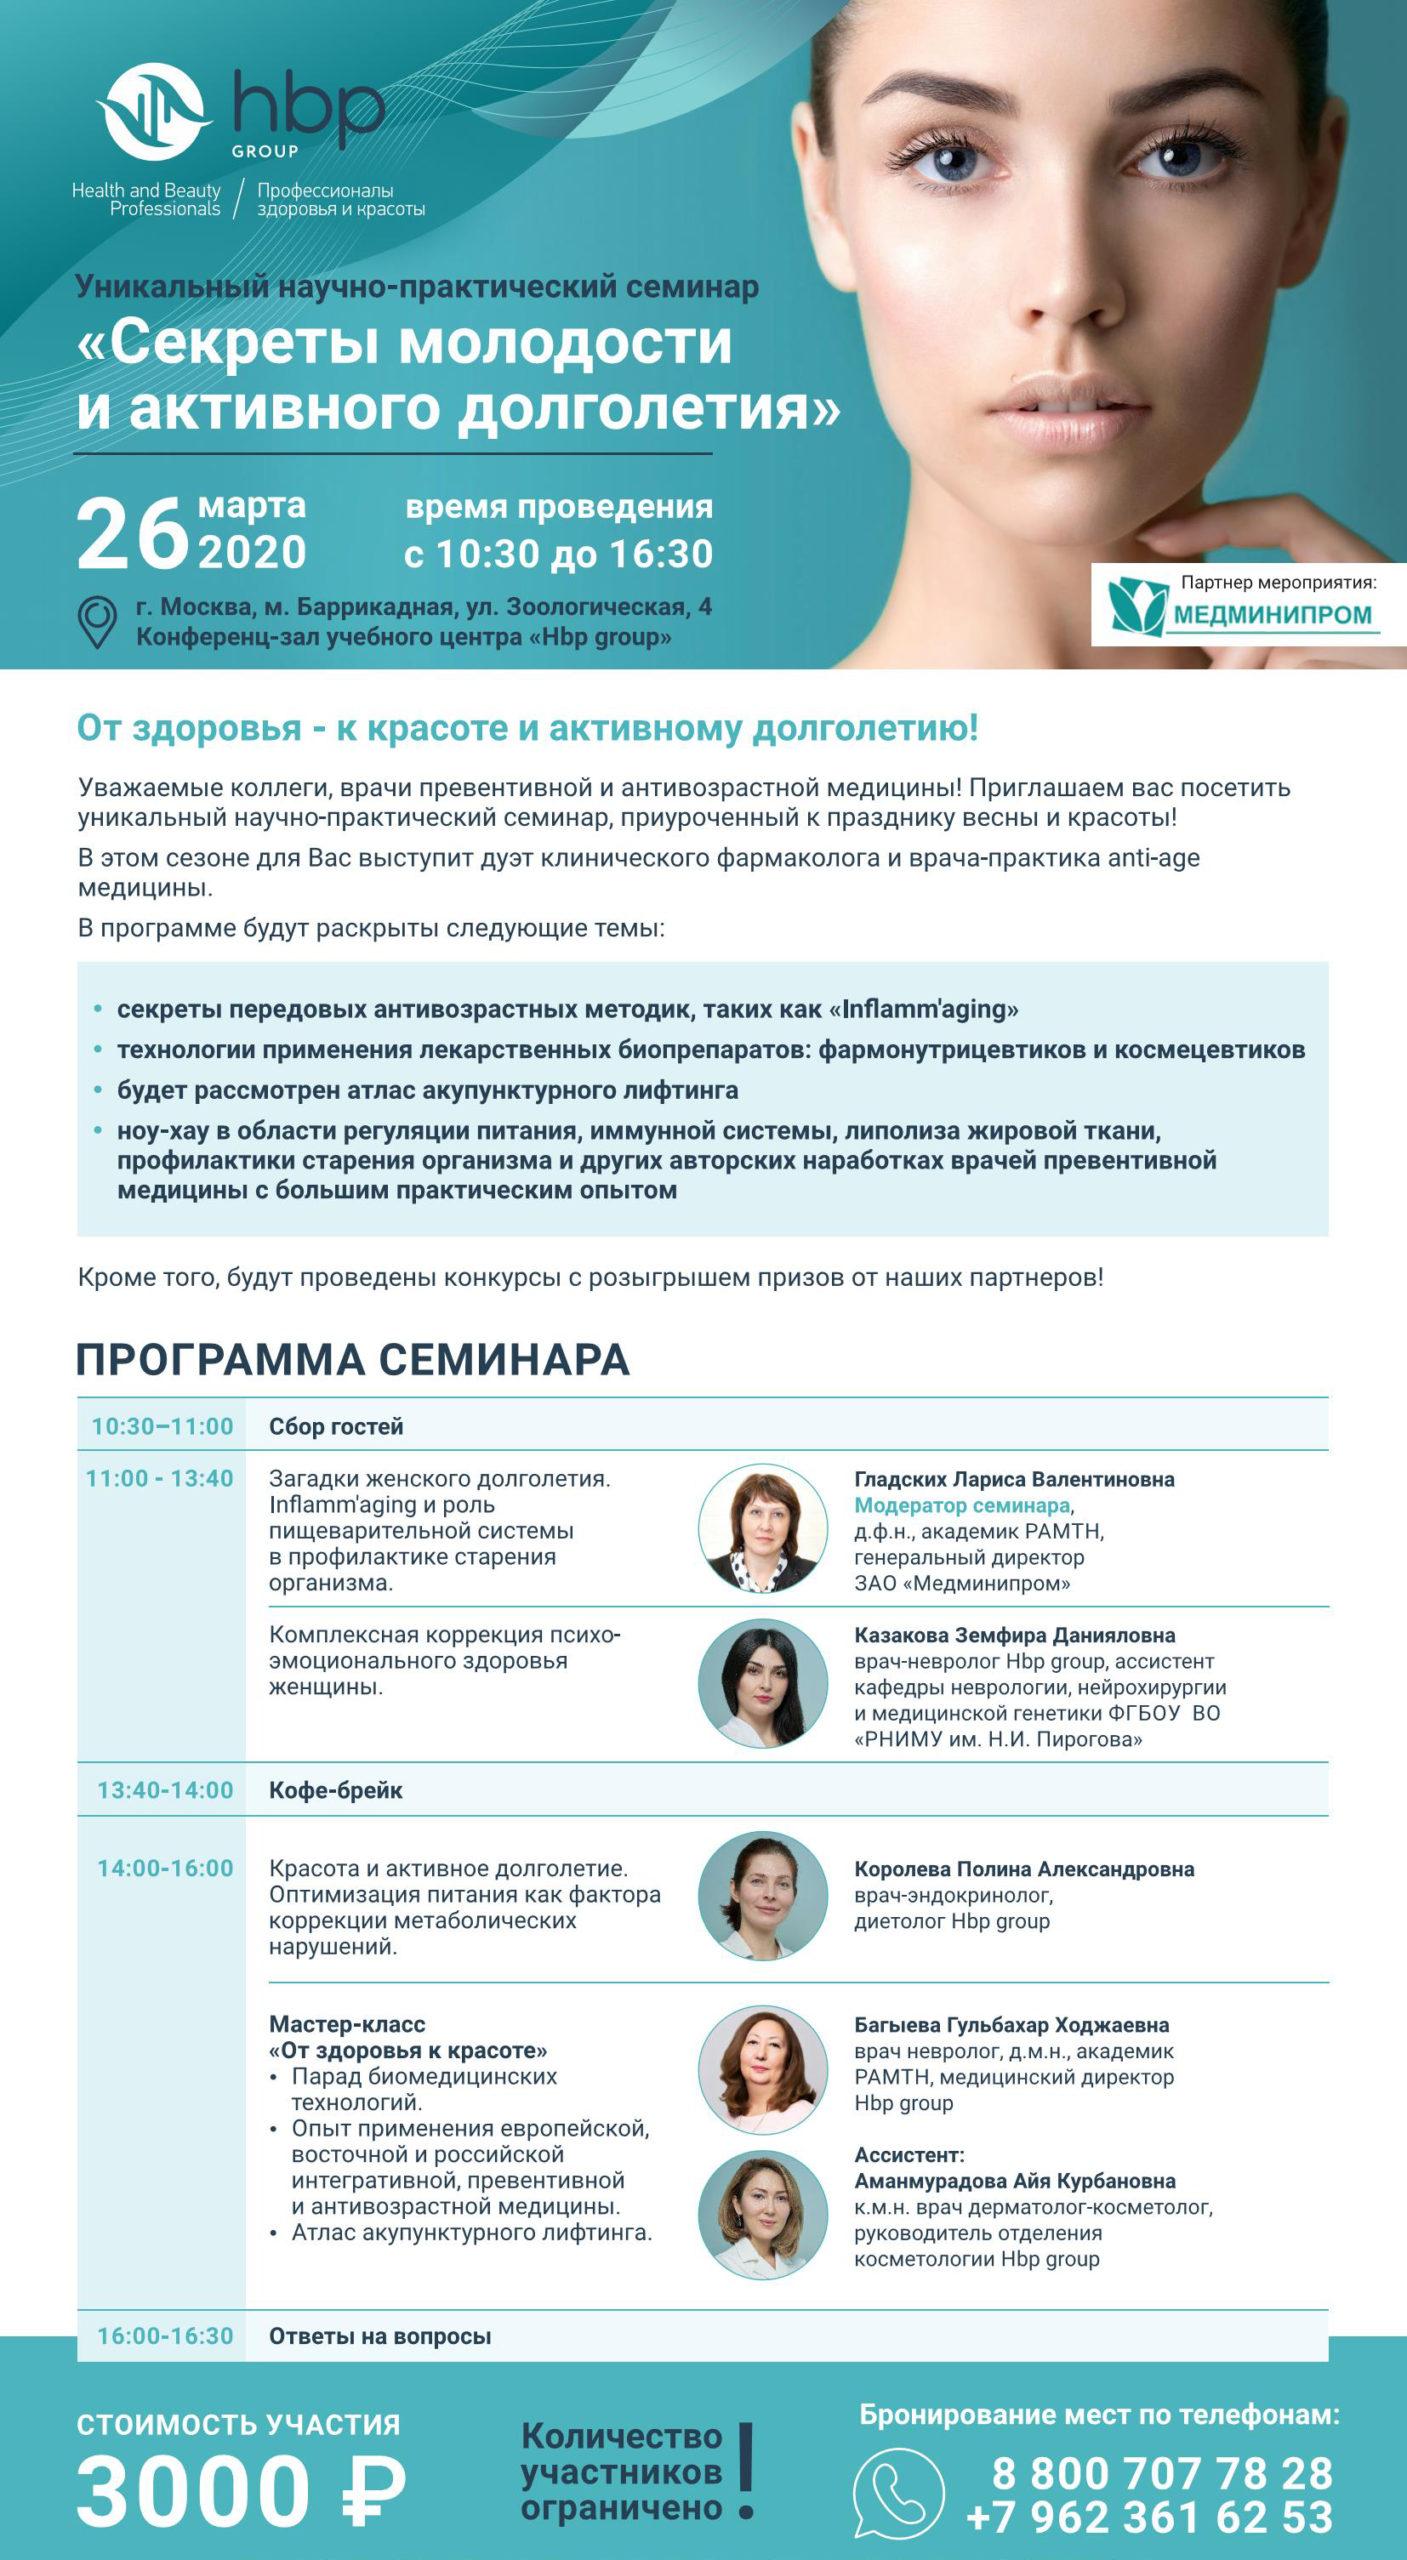 Уникальный научно-практический семинар HBP-Group